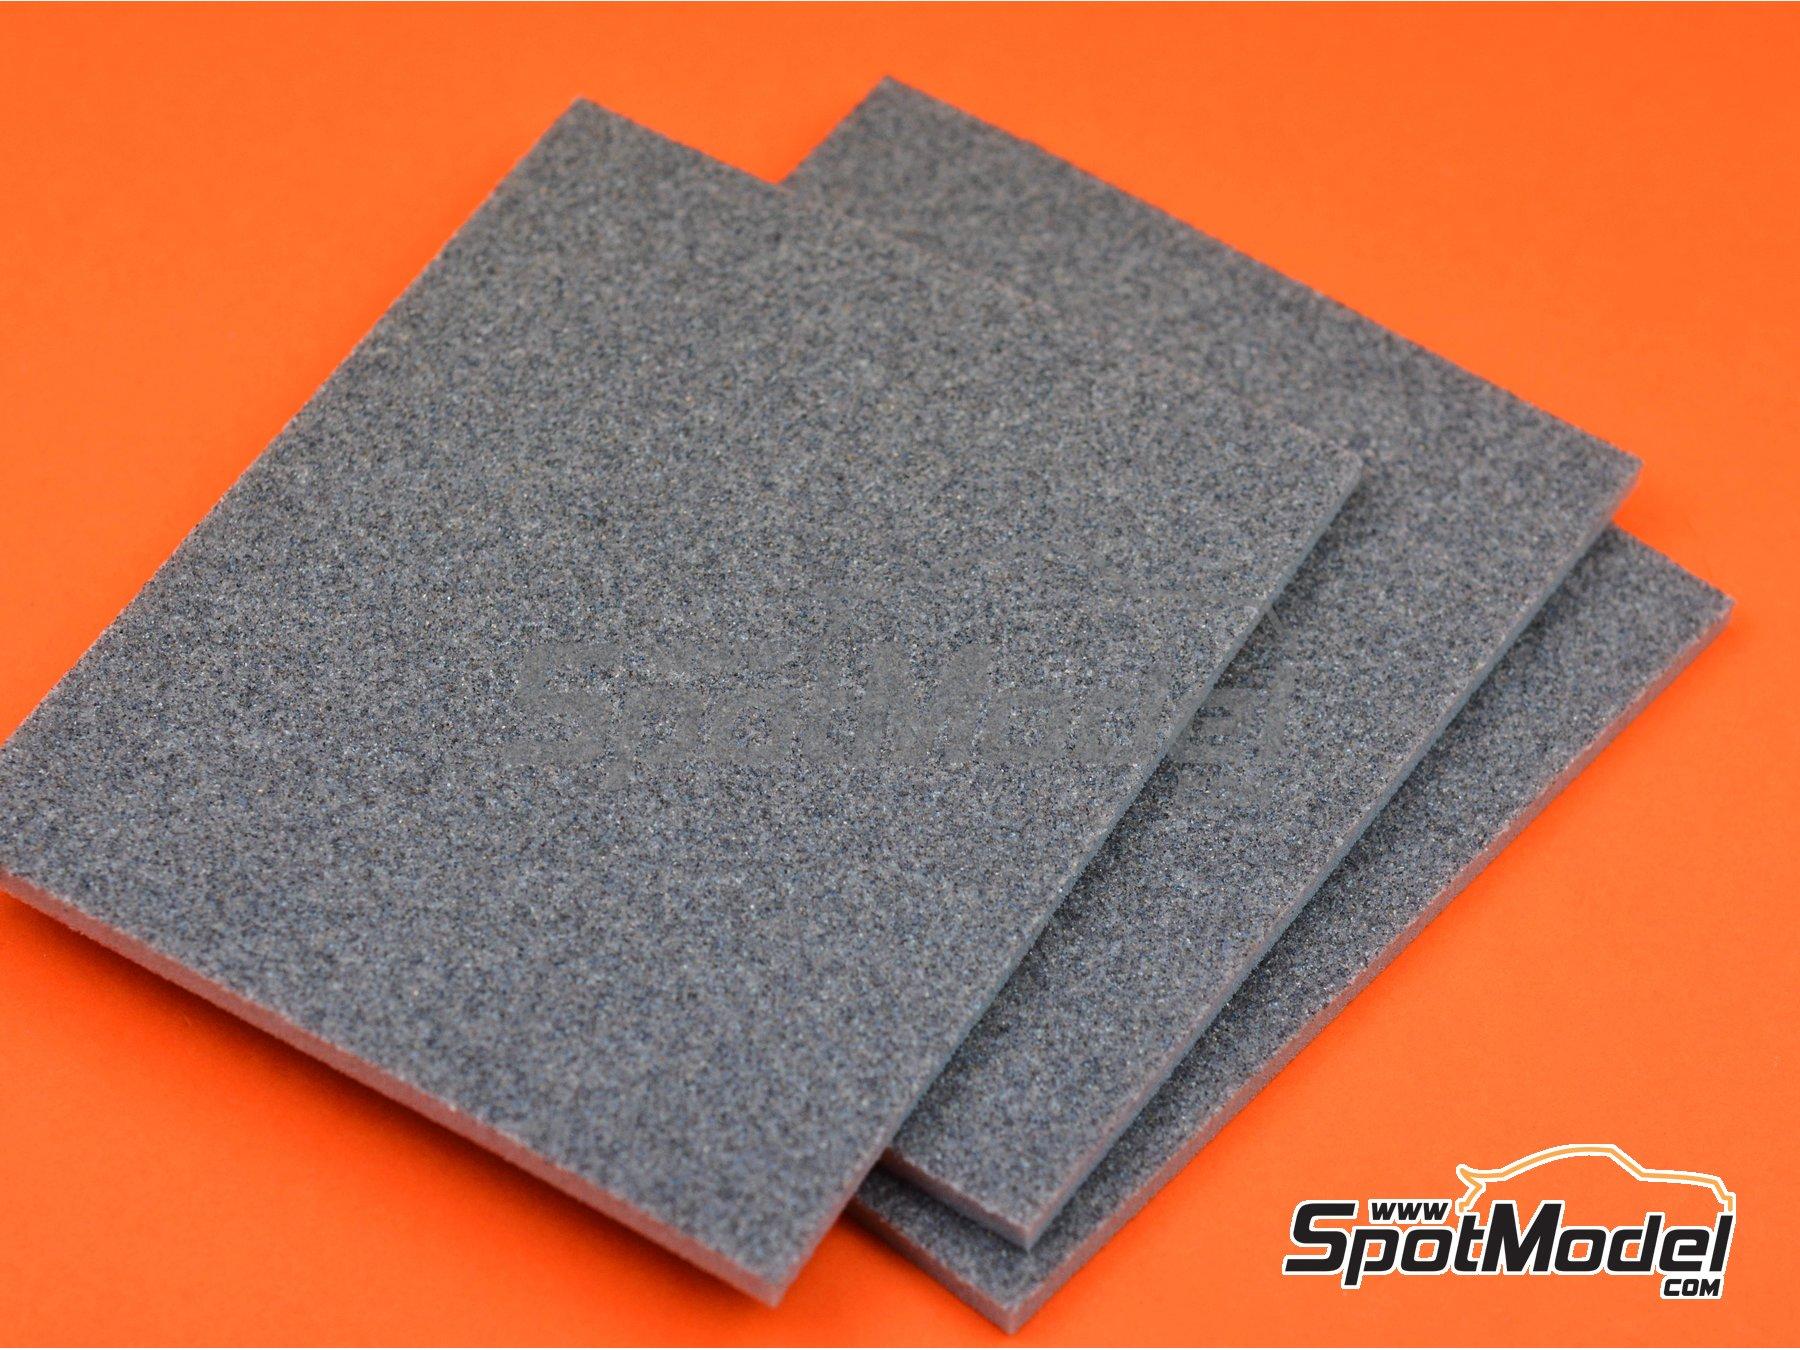 Image 1: Medium grade sanding sponge (180 grit) | Sandpaper manufactured by SpotModel (ref.SPOT-012)